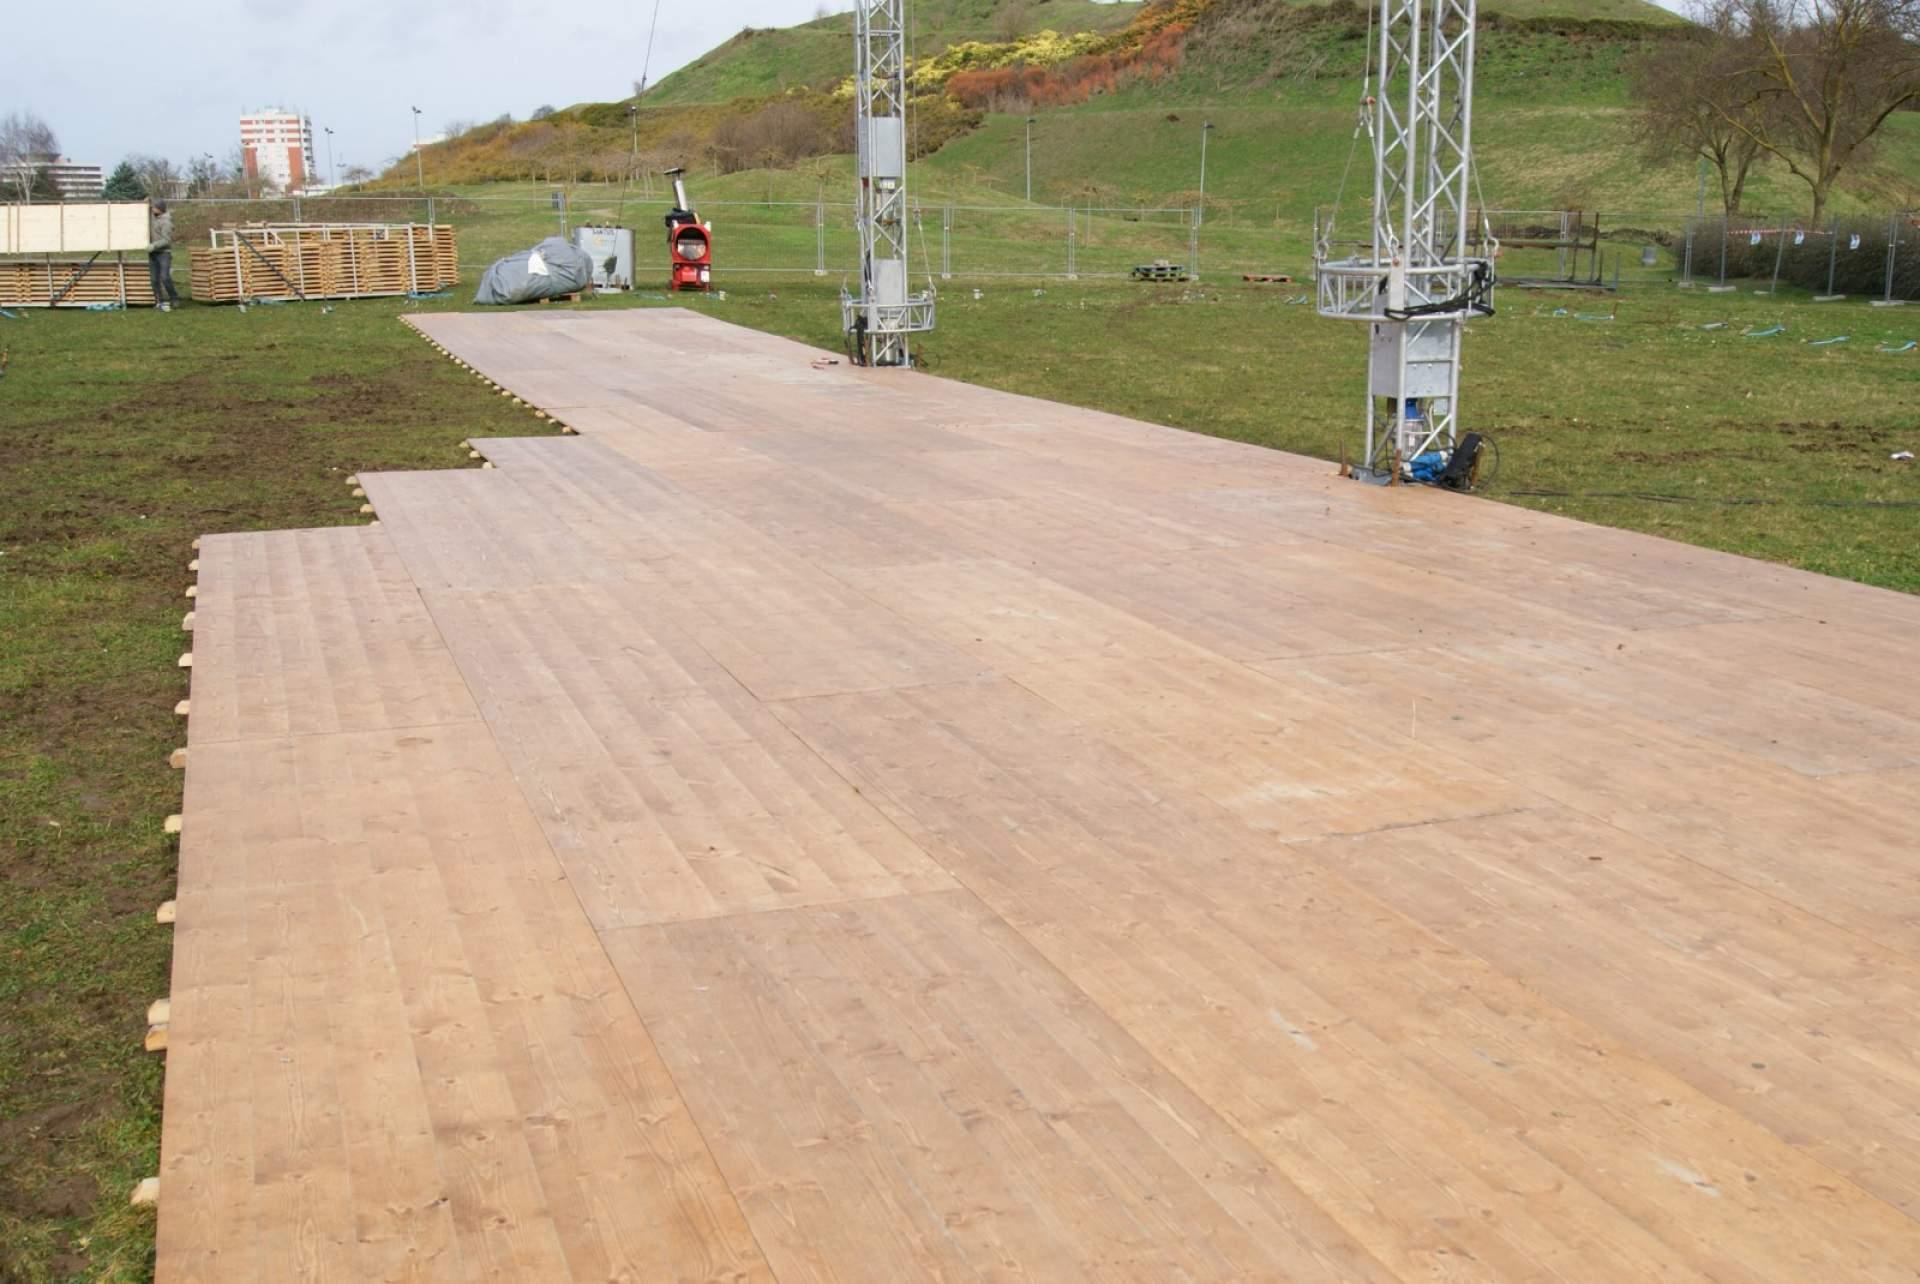 Location de plancher pour v nement ext rieur dans les for Plancher bois pour terrasse exterieur